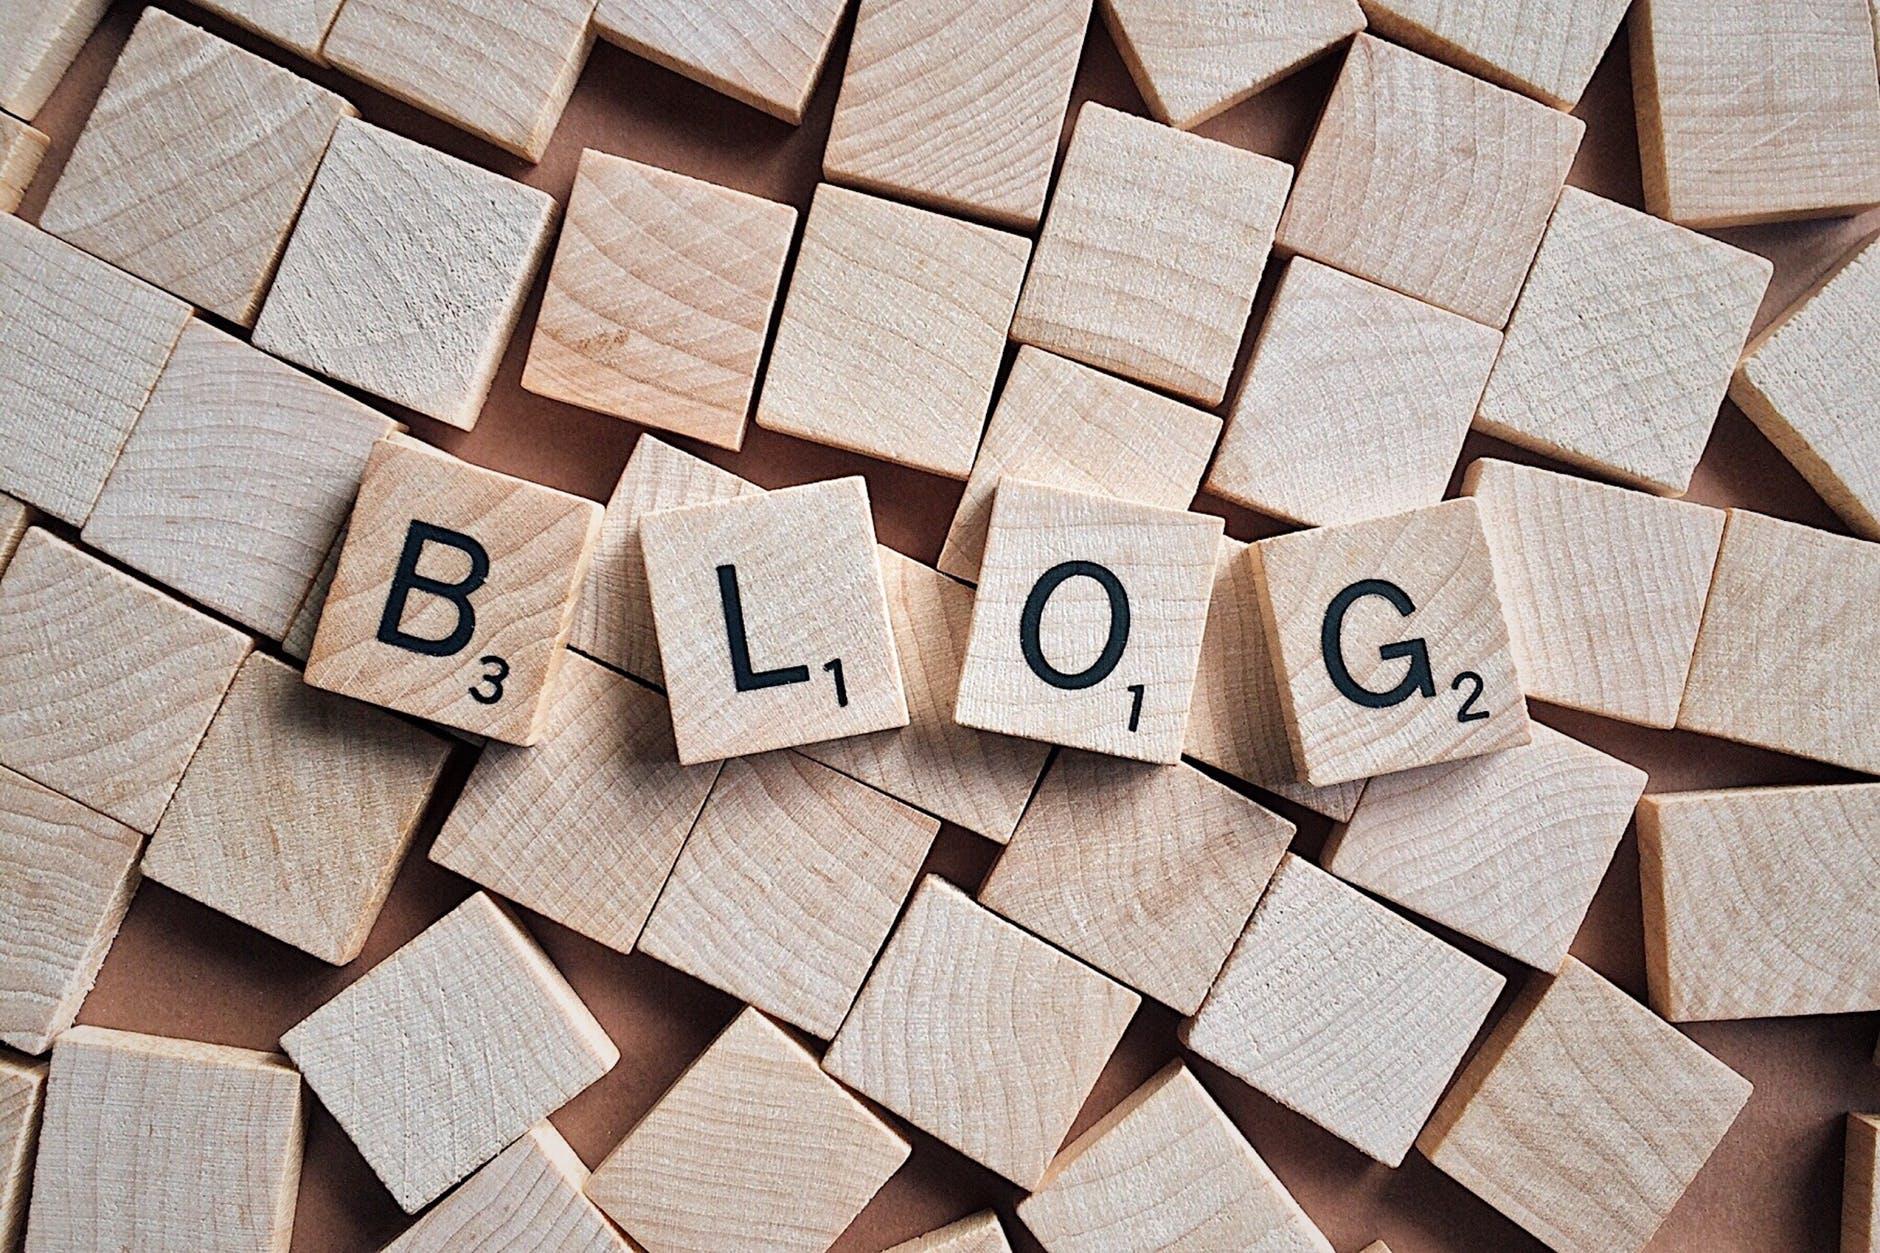 Getblogs.com